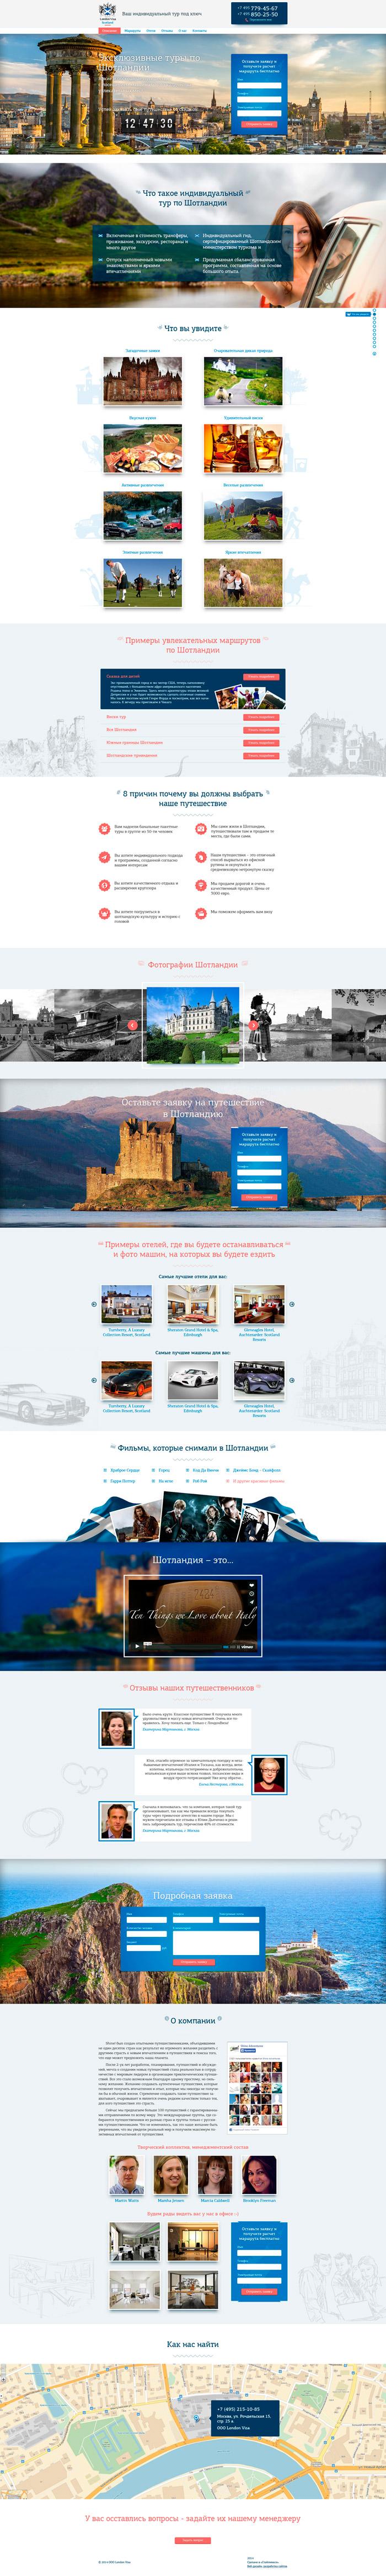 Лэндинг - Тур под ключ в Шотландию - верстка.